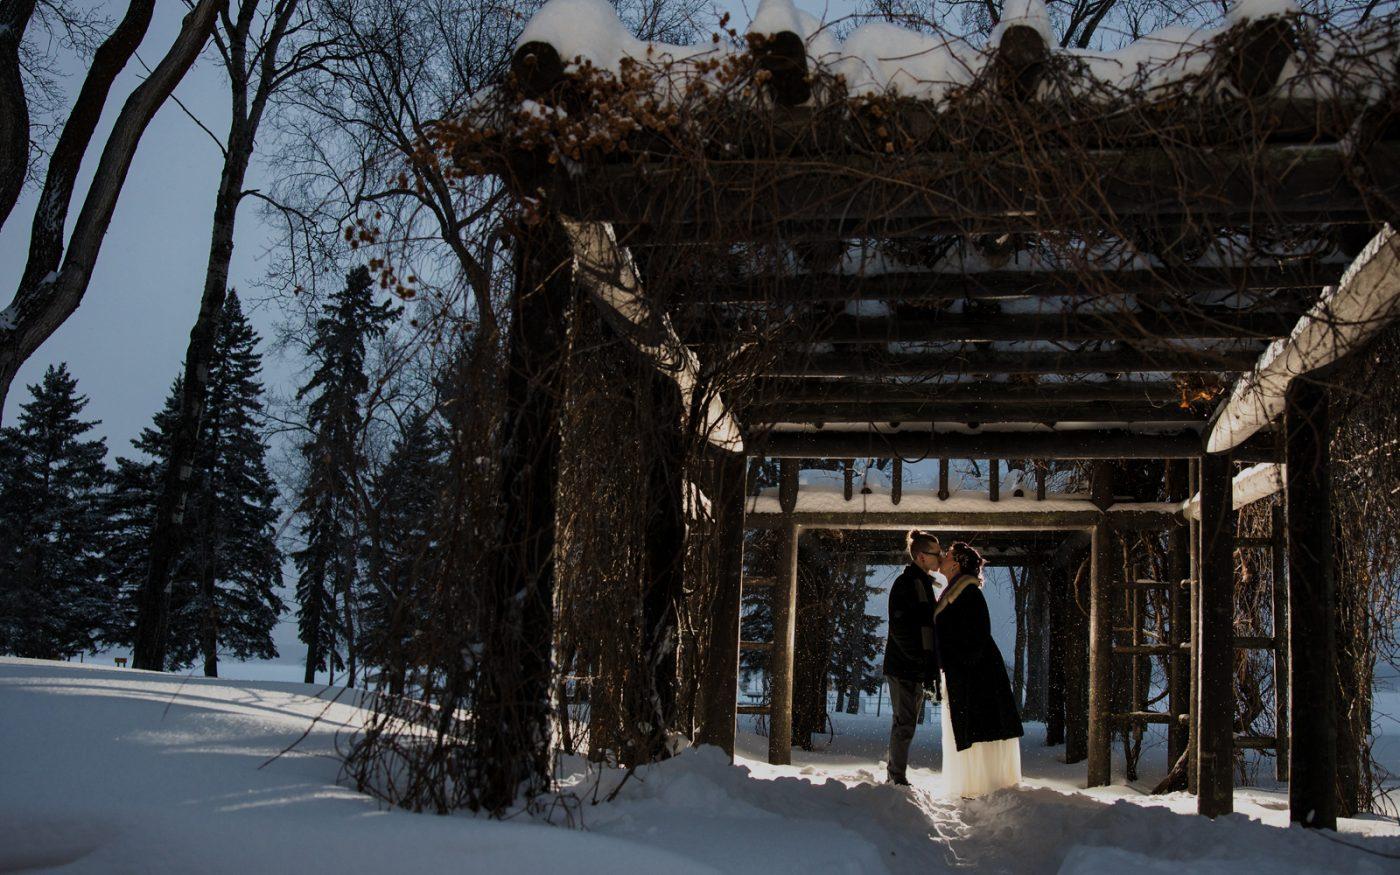 Robyn and Darryl kissing under a pergola